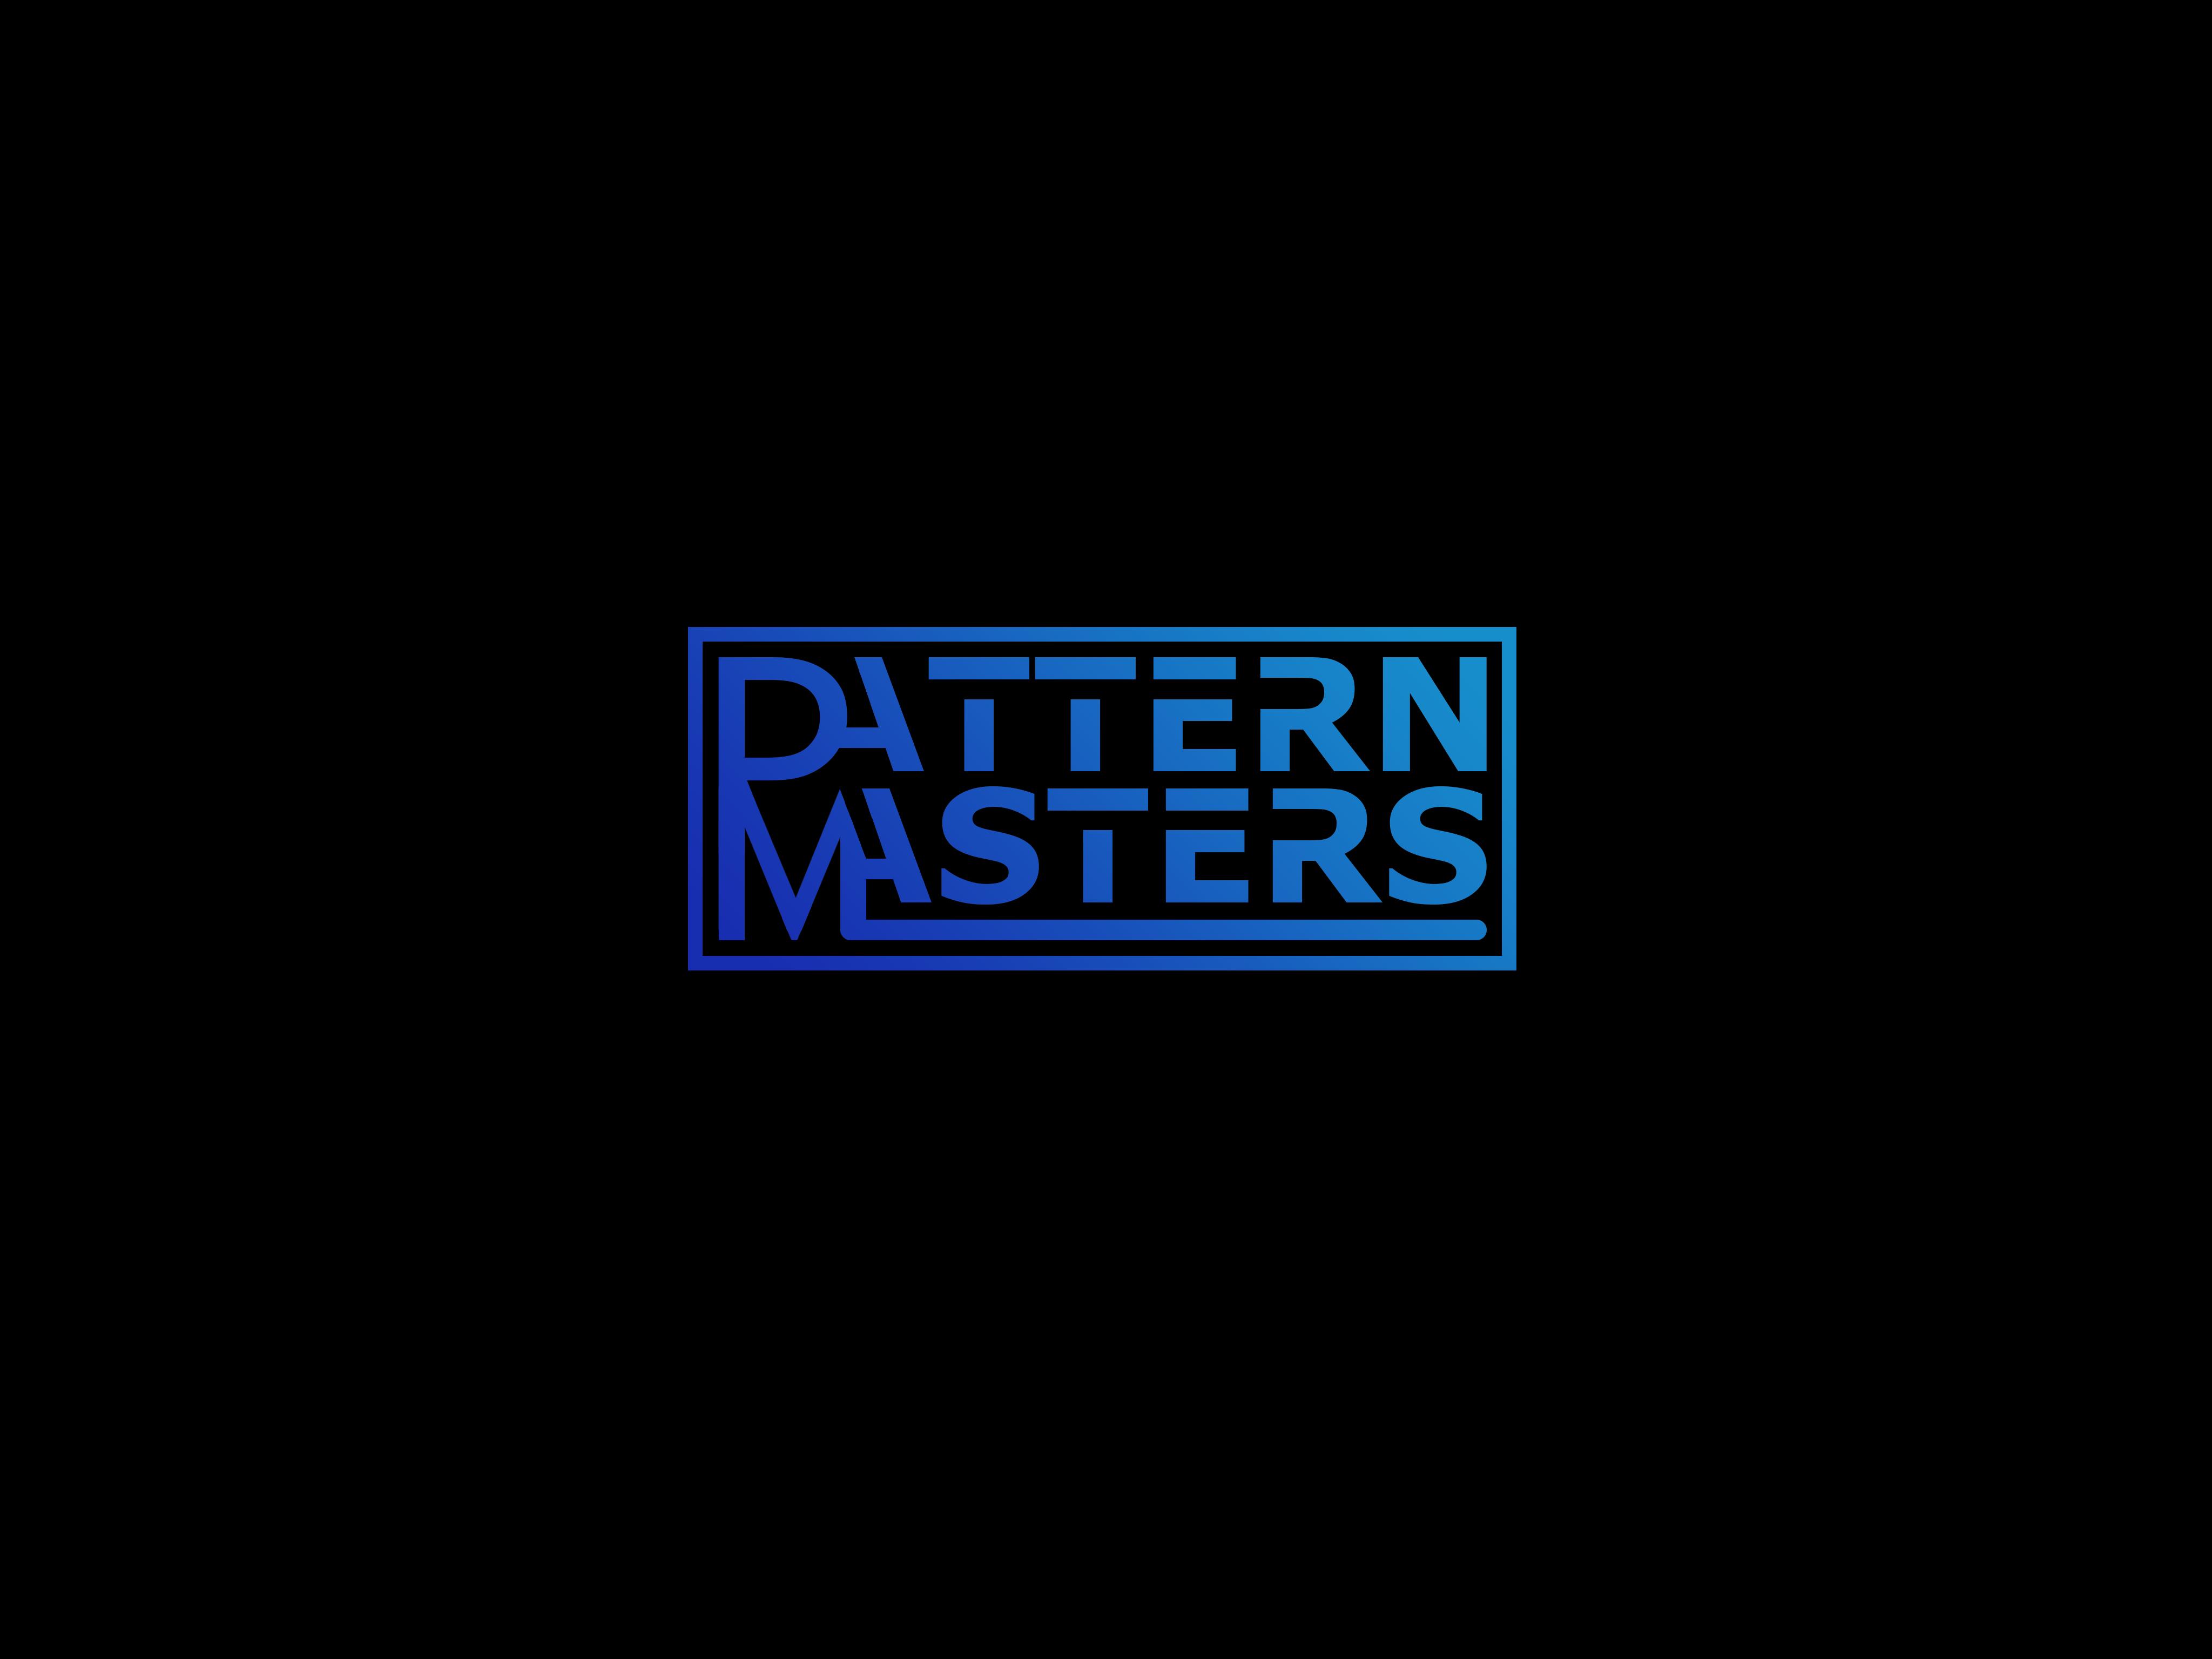 Разработка логотипа фото f_7065d74c9f90cadf.png